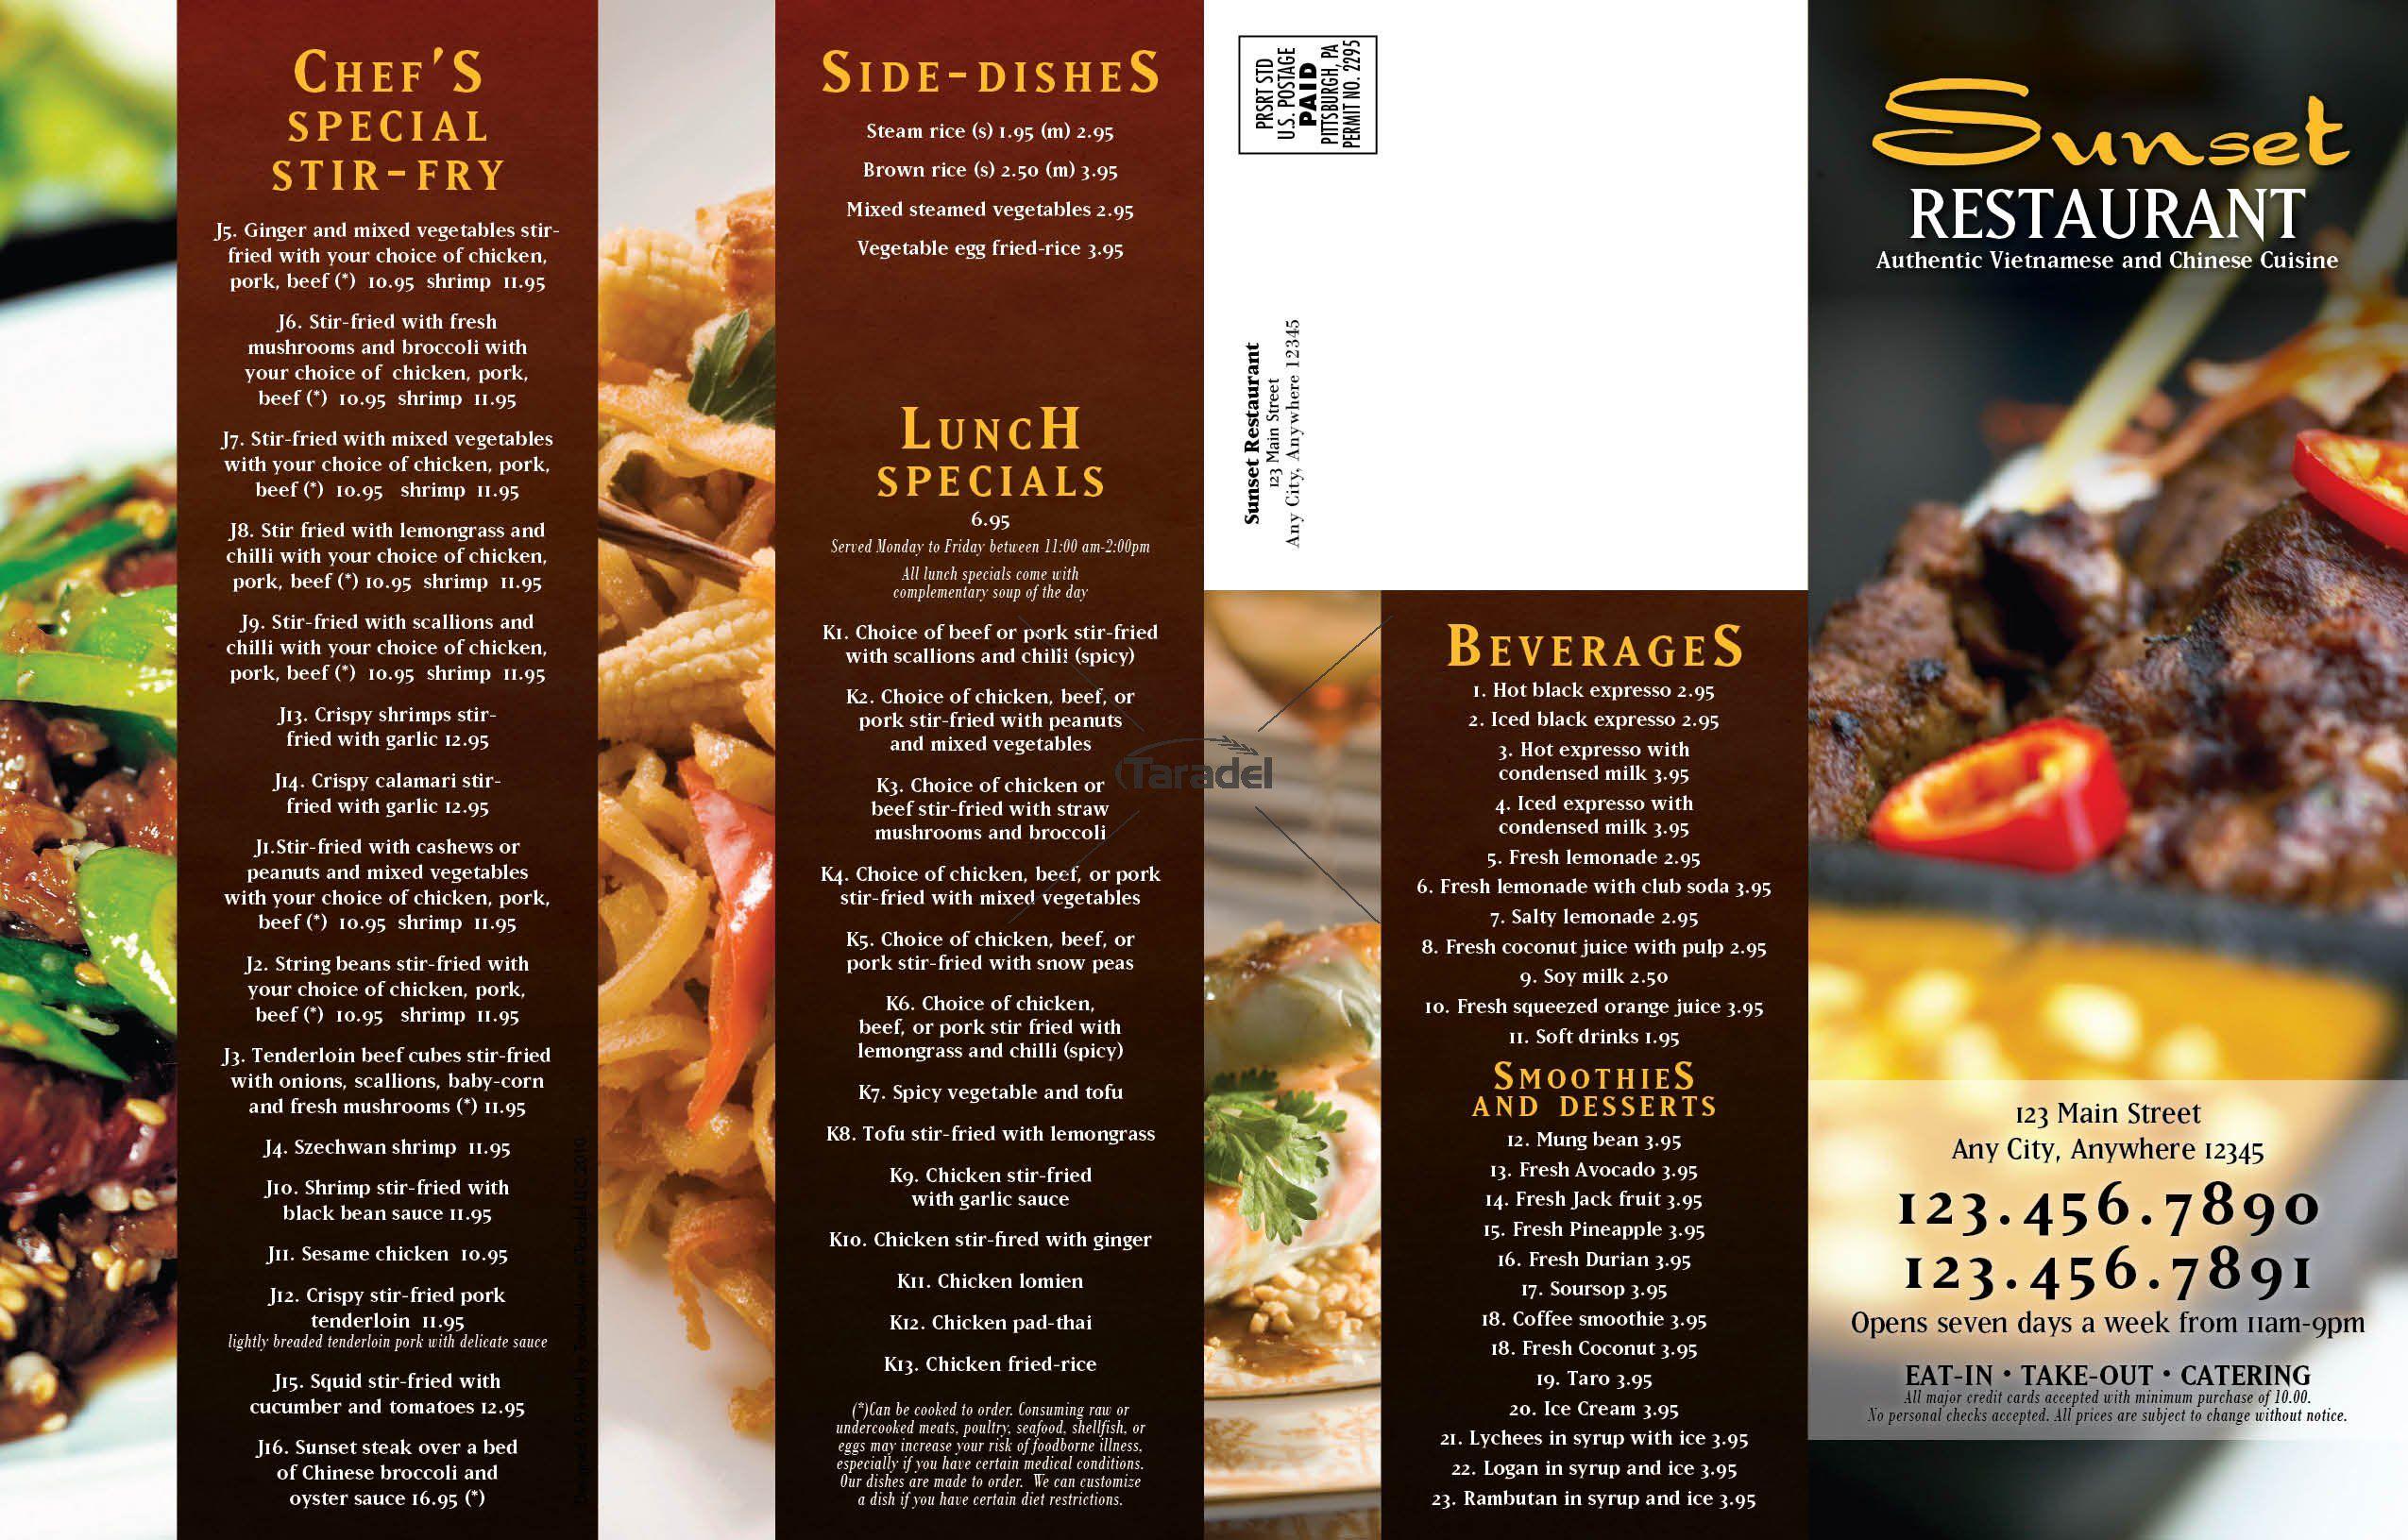 Menu Design Ideas new menu design ideas custom made cover pattern holders screws faux leather restaurant menu Pizza Hut Menu Design Google Search Menu Samples Pan Pinterest Menu Design Pizza Hut And Pizza